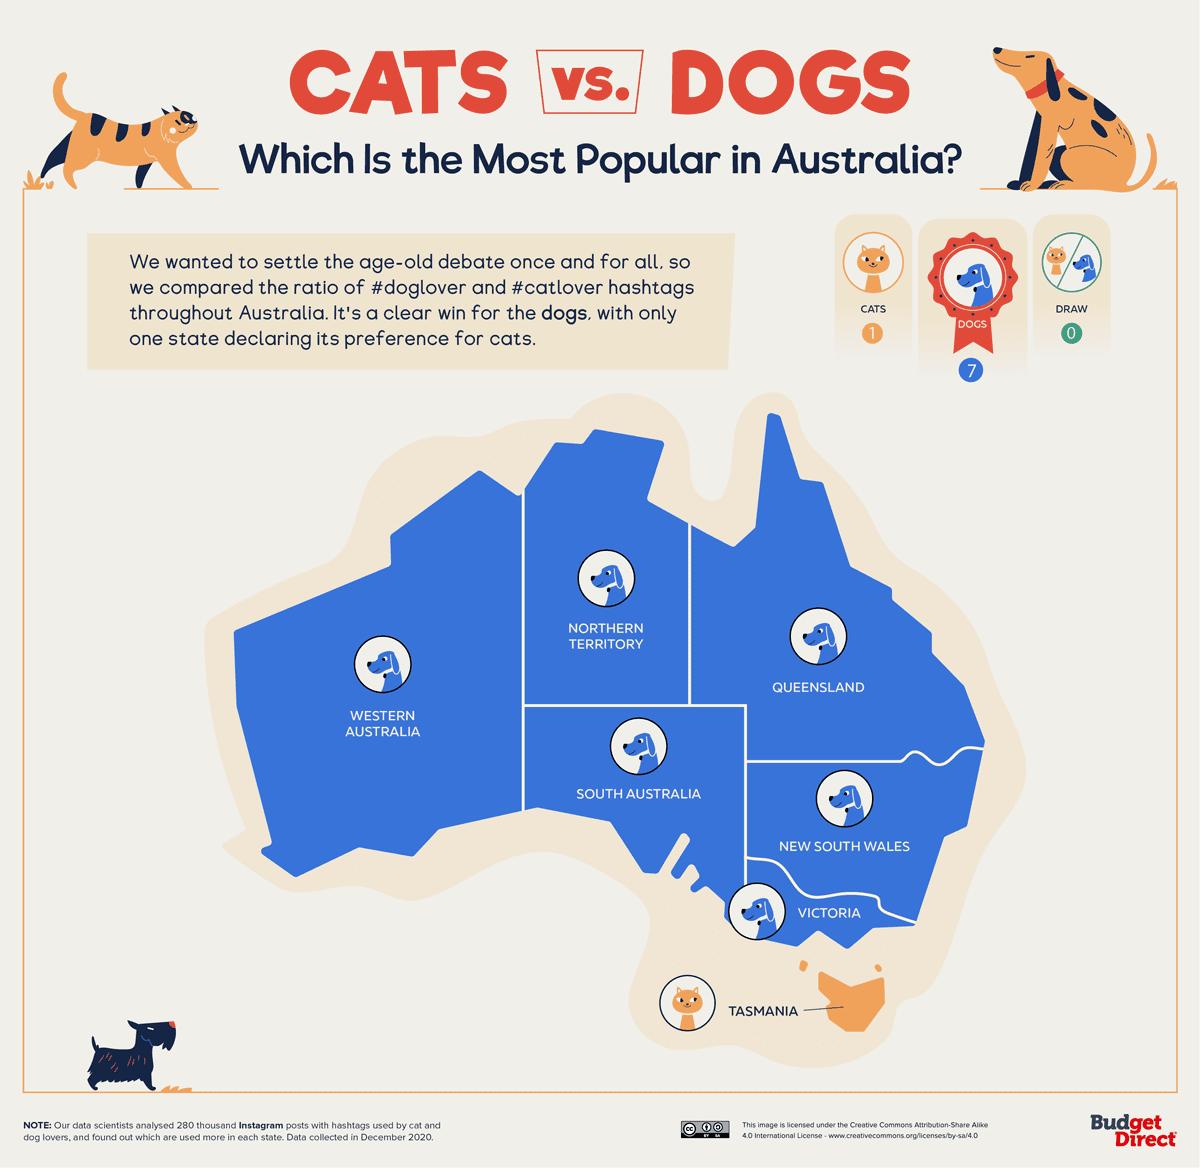 Австралийские любители кошек живут на Тасмании